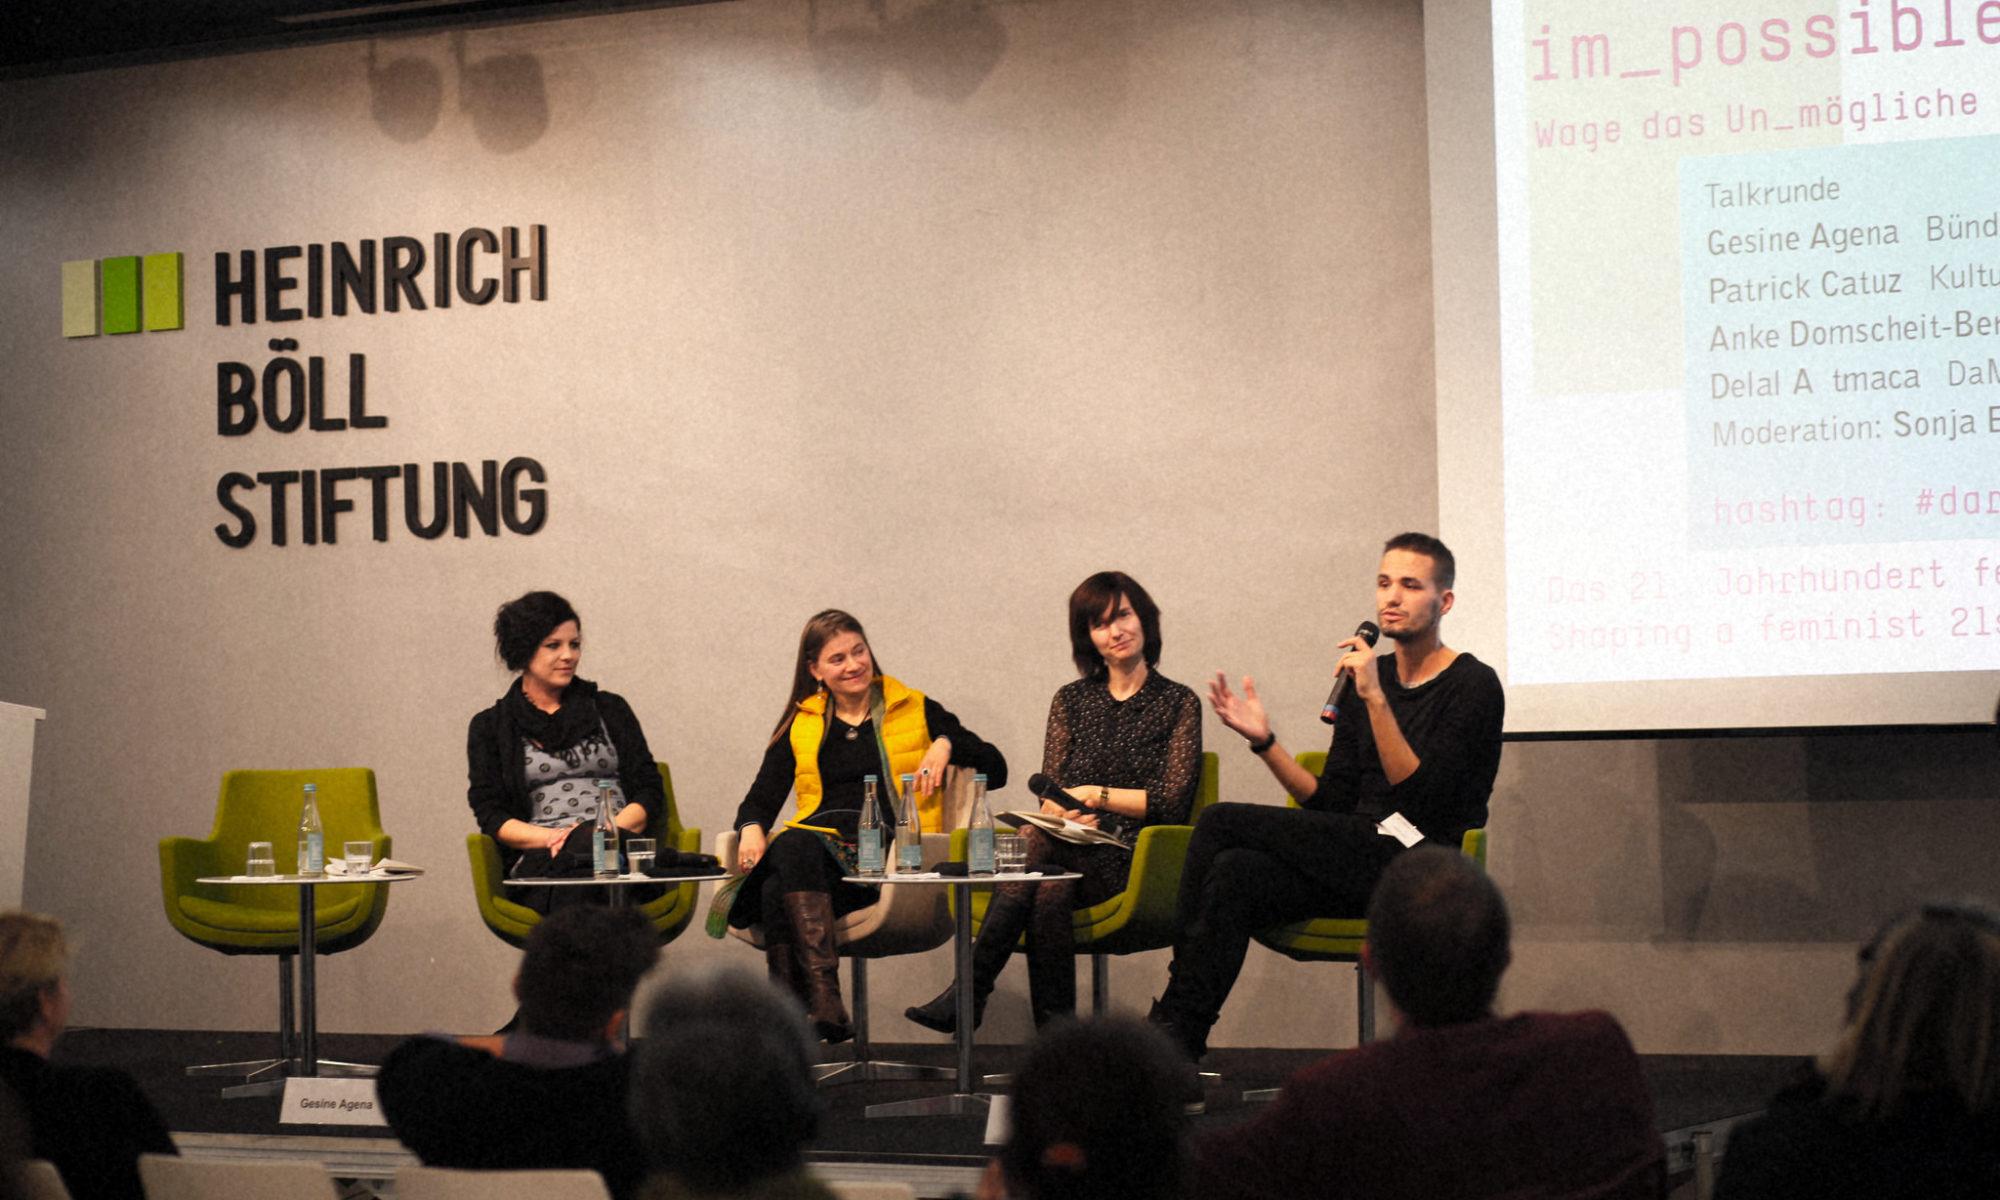 Patrick Catuz, Heinrich Böll Stiftung, Gunda Werner Institut, Dare the Impossible